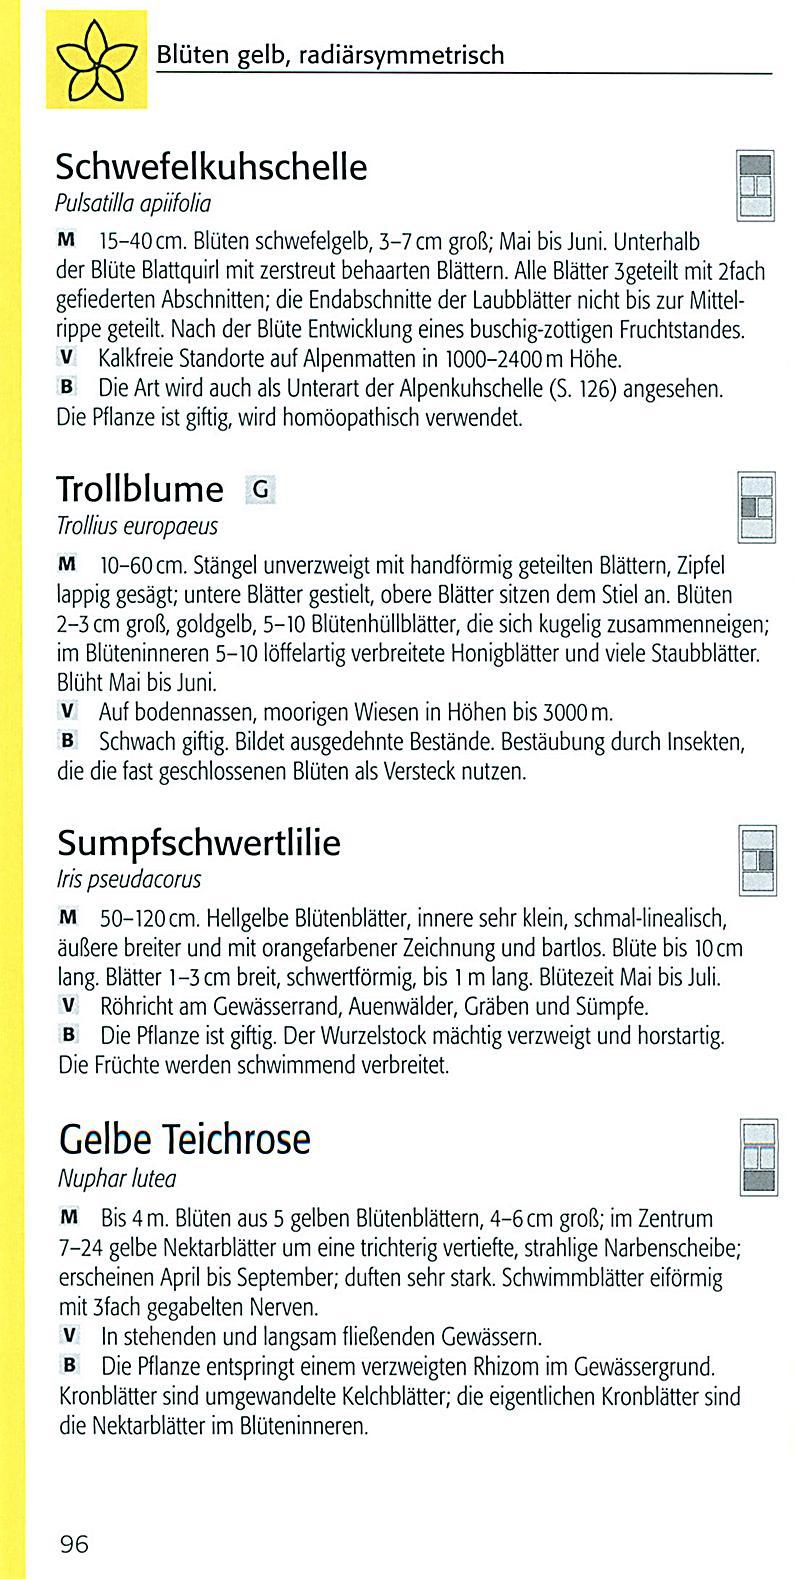 Groß Tierund Pflanzenzellen Zum Arbeitsblatt Zeitgenössisch - Super ...